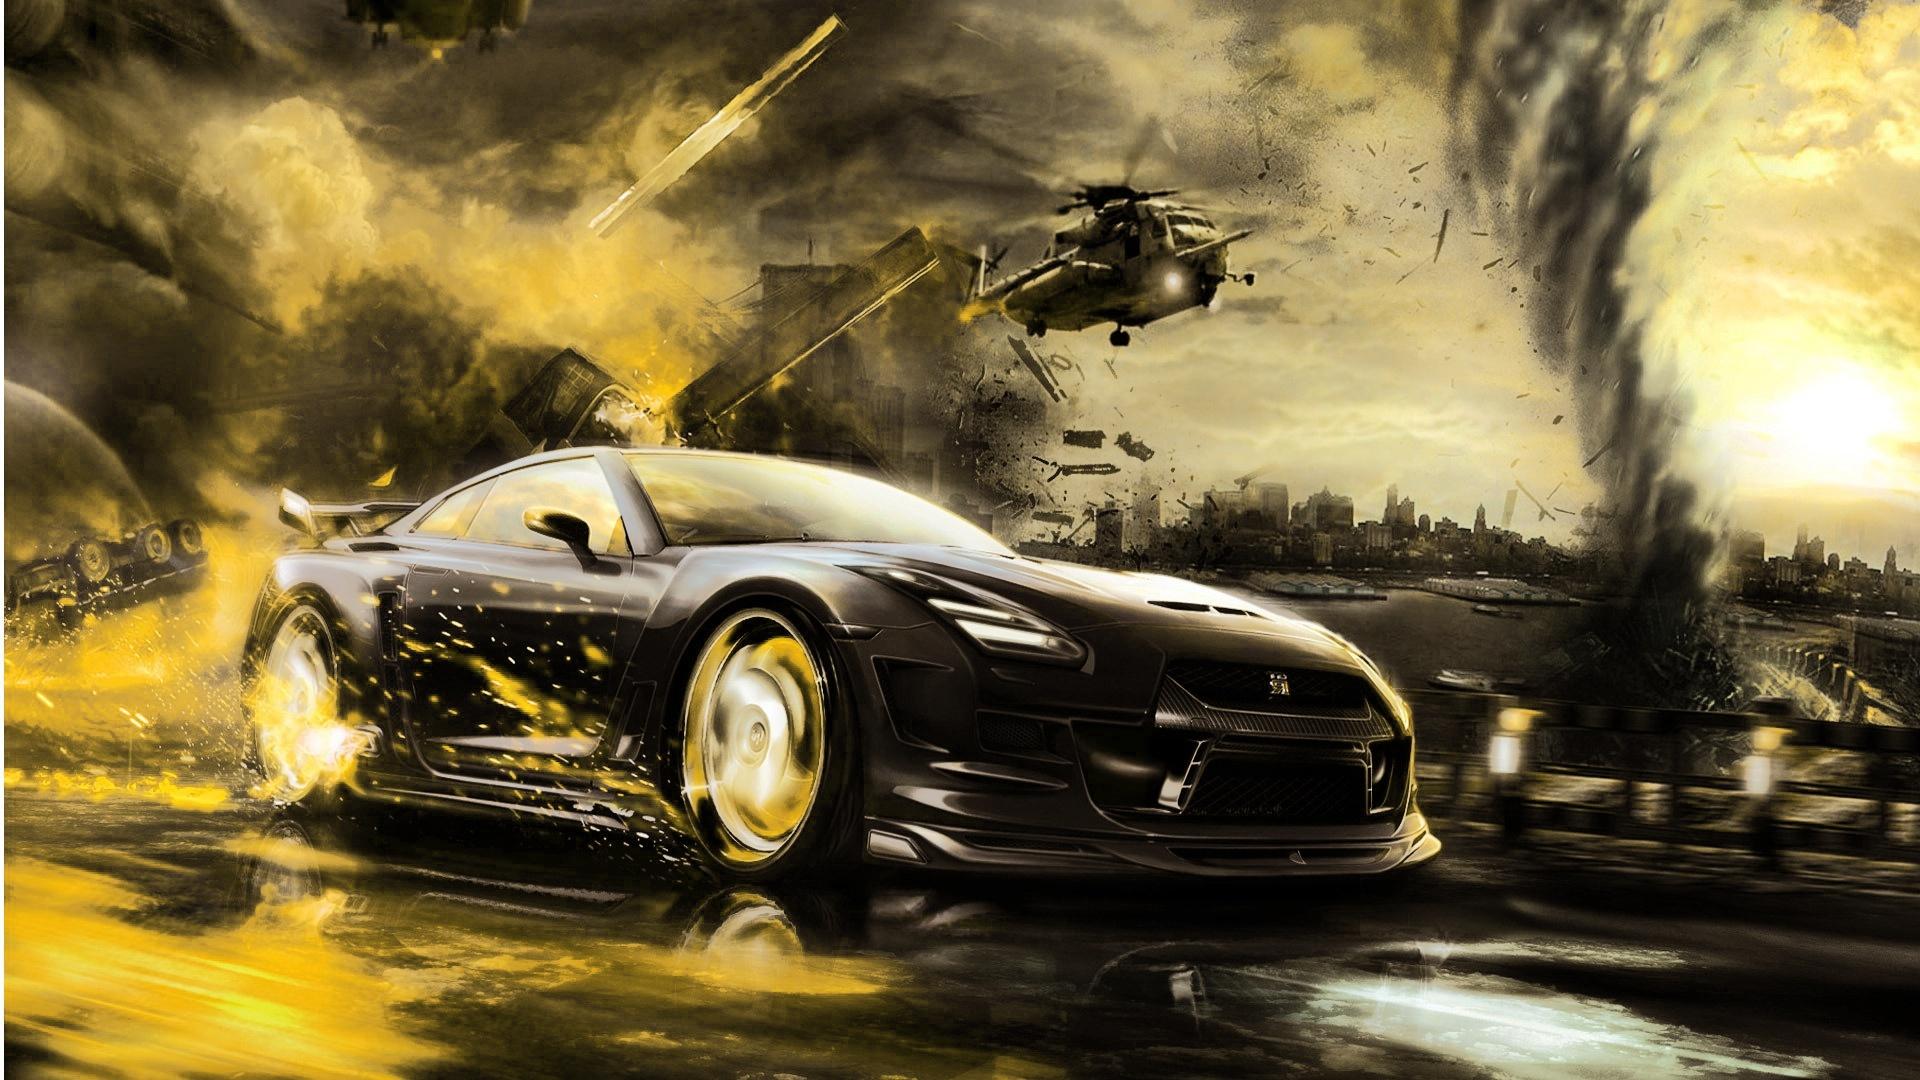 1080p car wallpaper - wallpapersafari